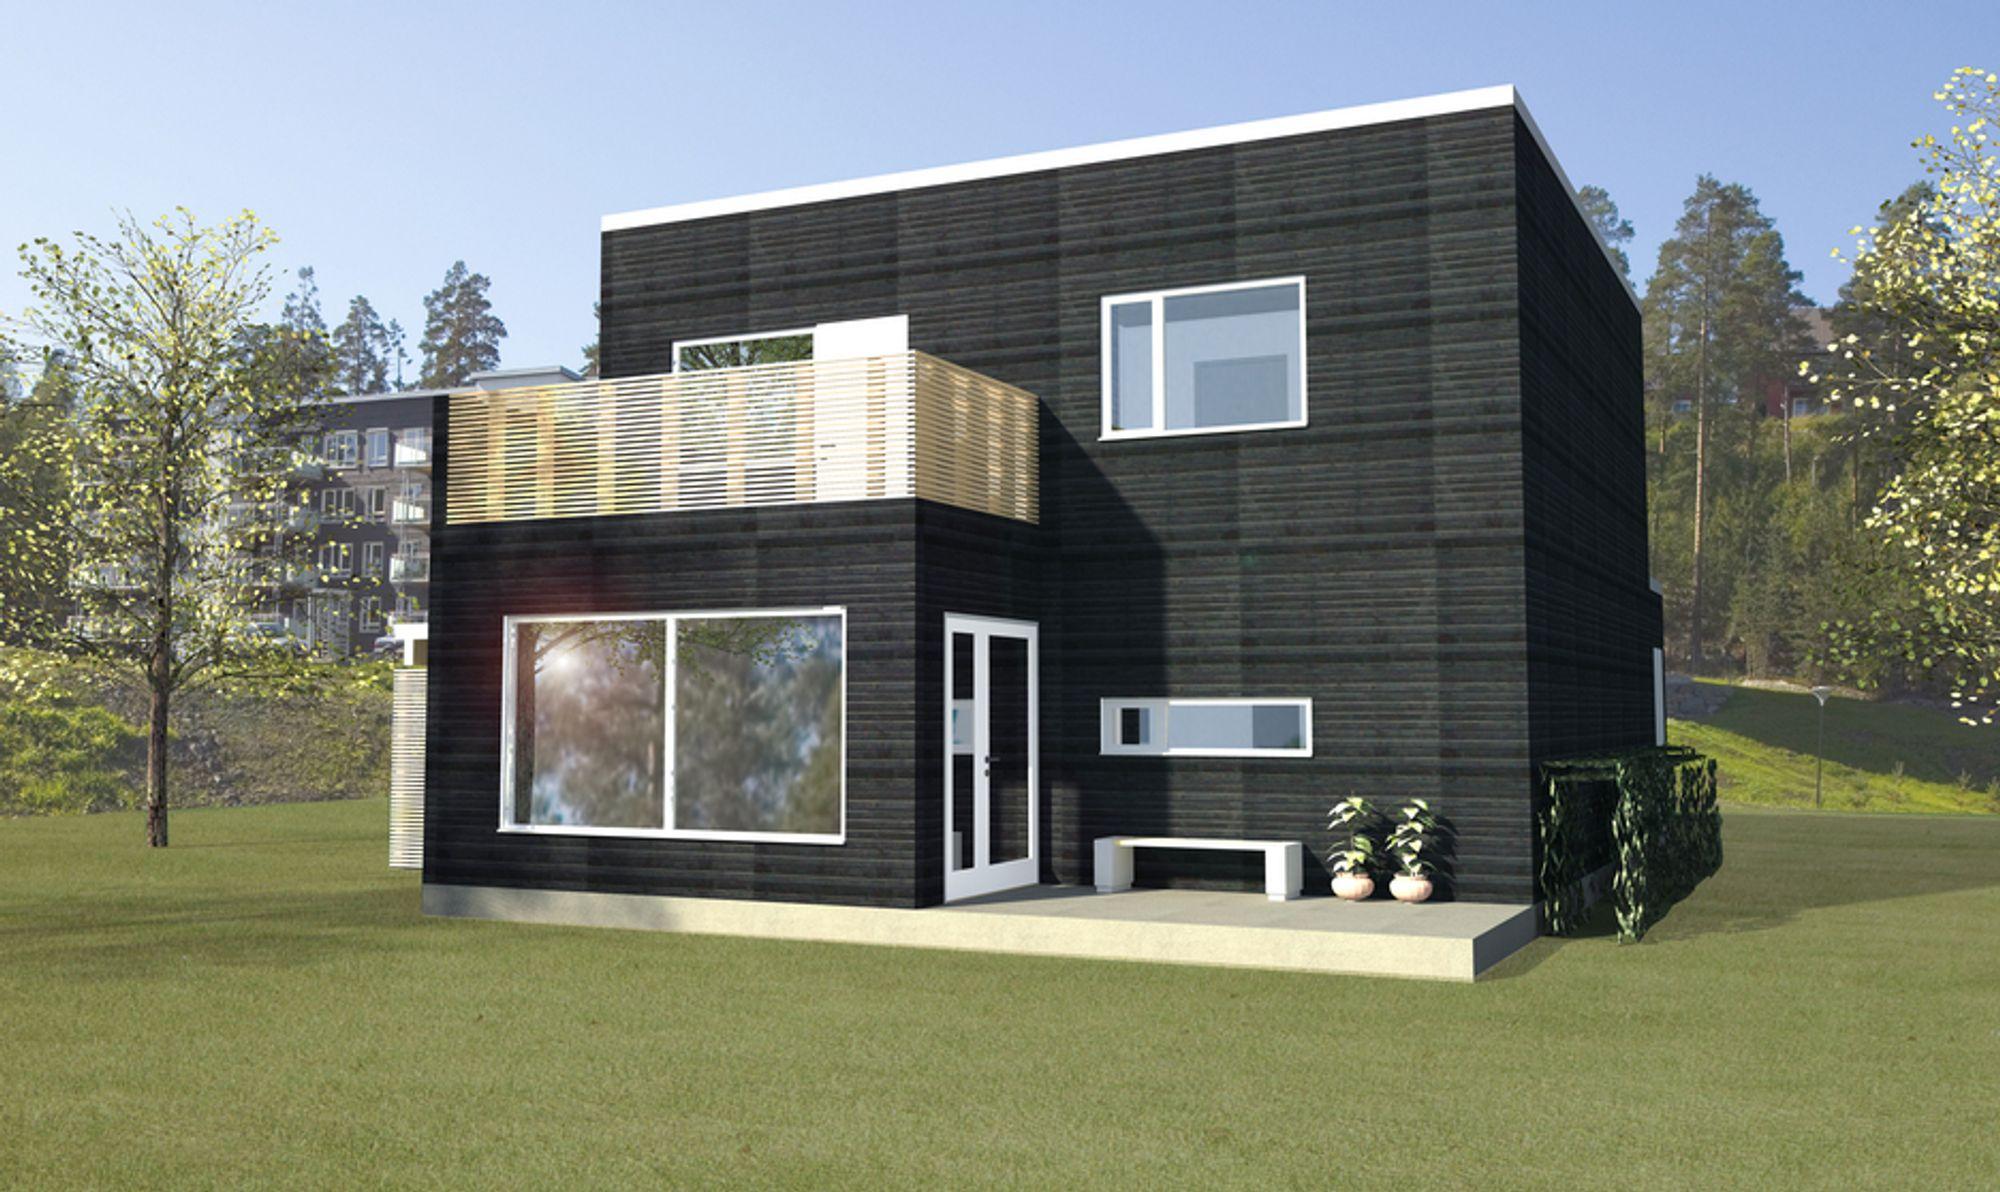 FREMTIDEN: Slike passivhus er nå under bygging på Mortensrud i Oslo. Det blir det første passivhusprosjektet til OBOS. Både Ole-Petter Haugen og Tor Helge Dokka tror passivhus er fremtiden.